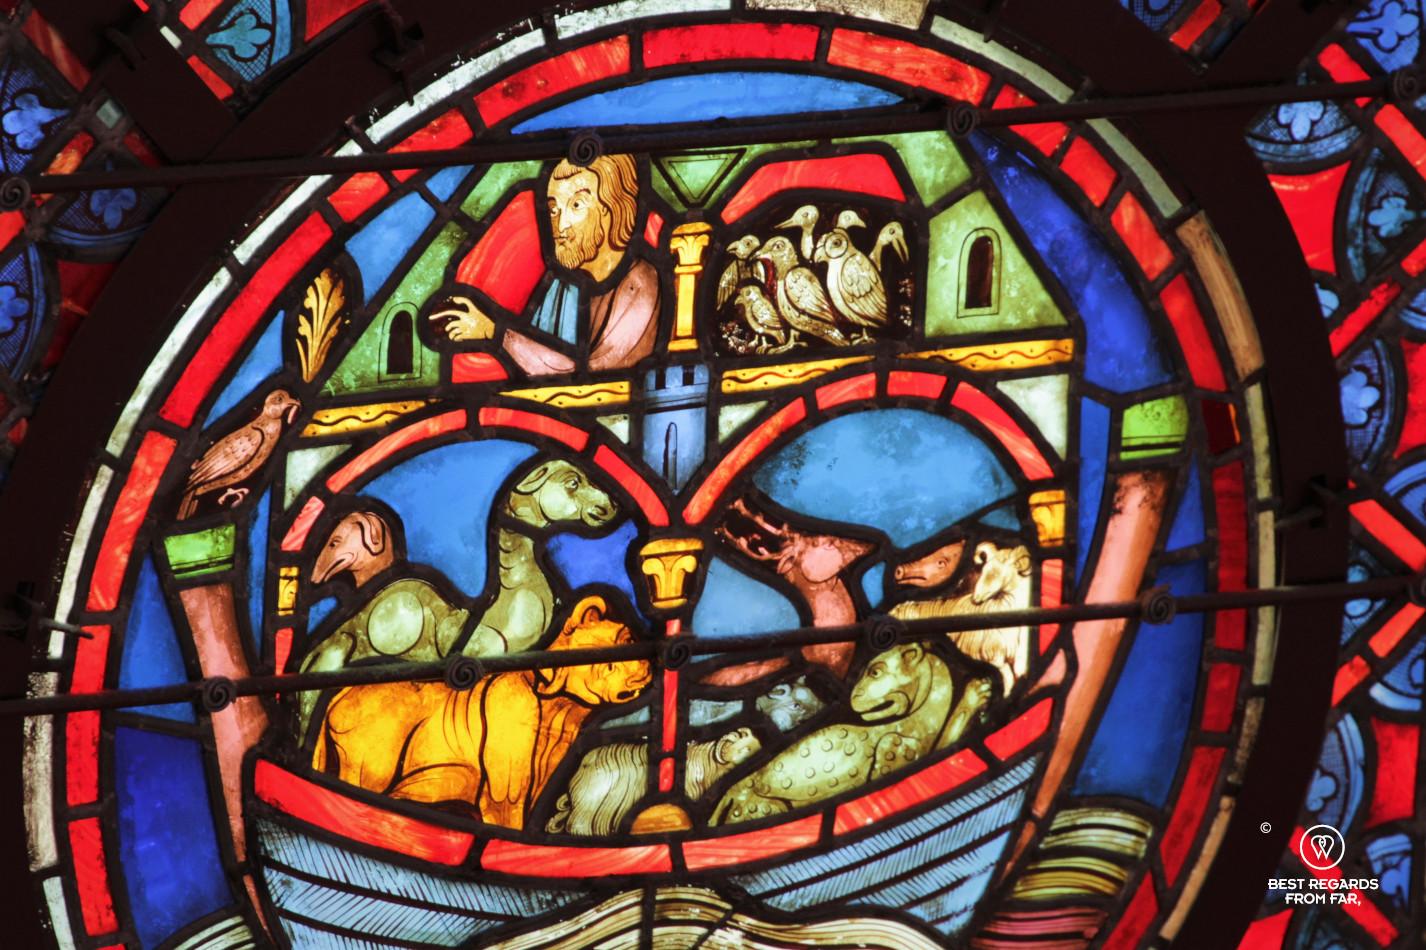 Noah's Arc depicted in stained-glass windows, La Sainte Chapelle, Paris, France